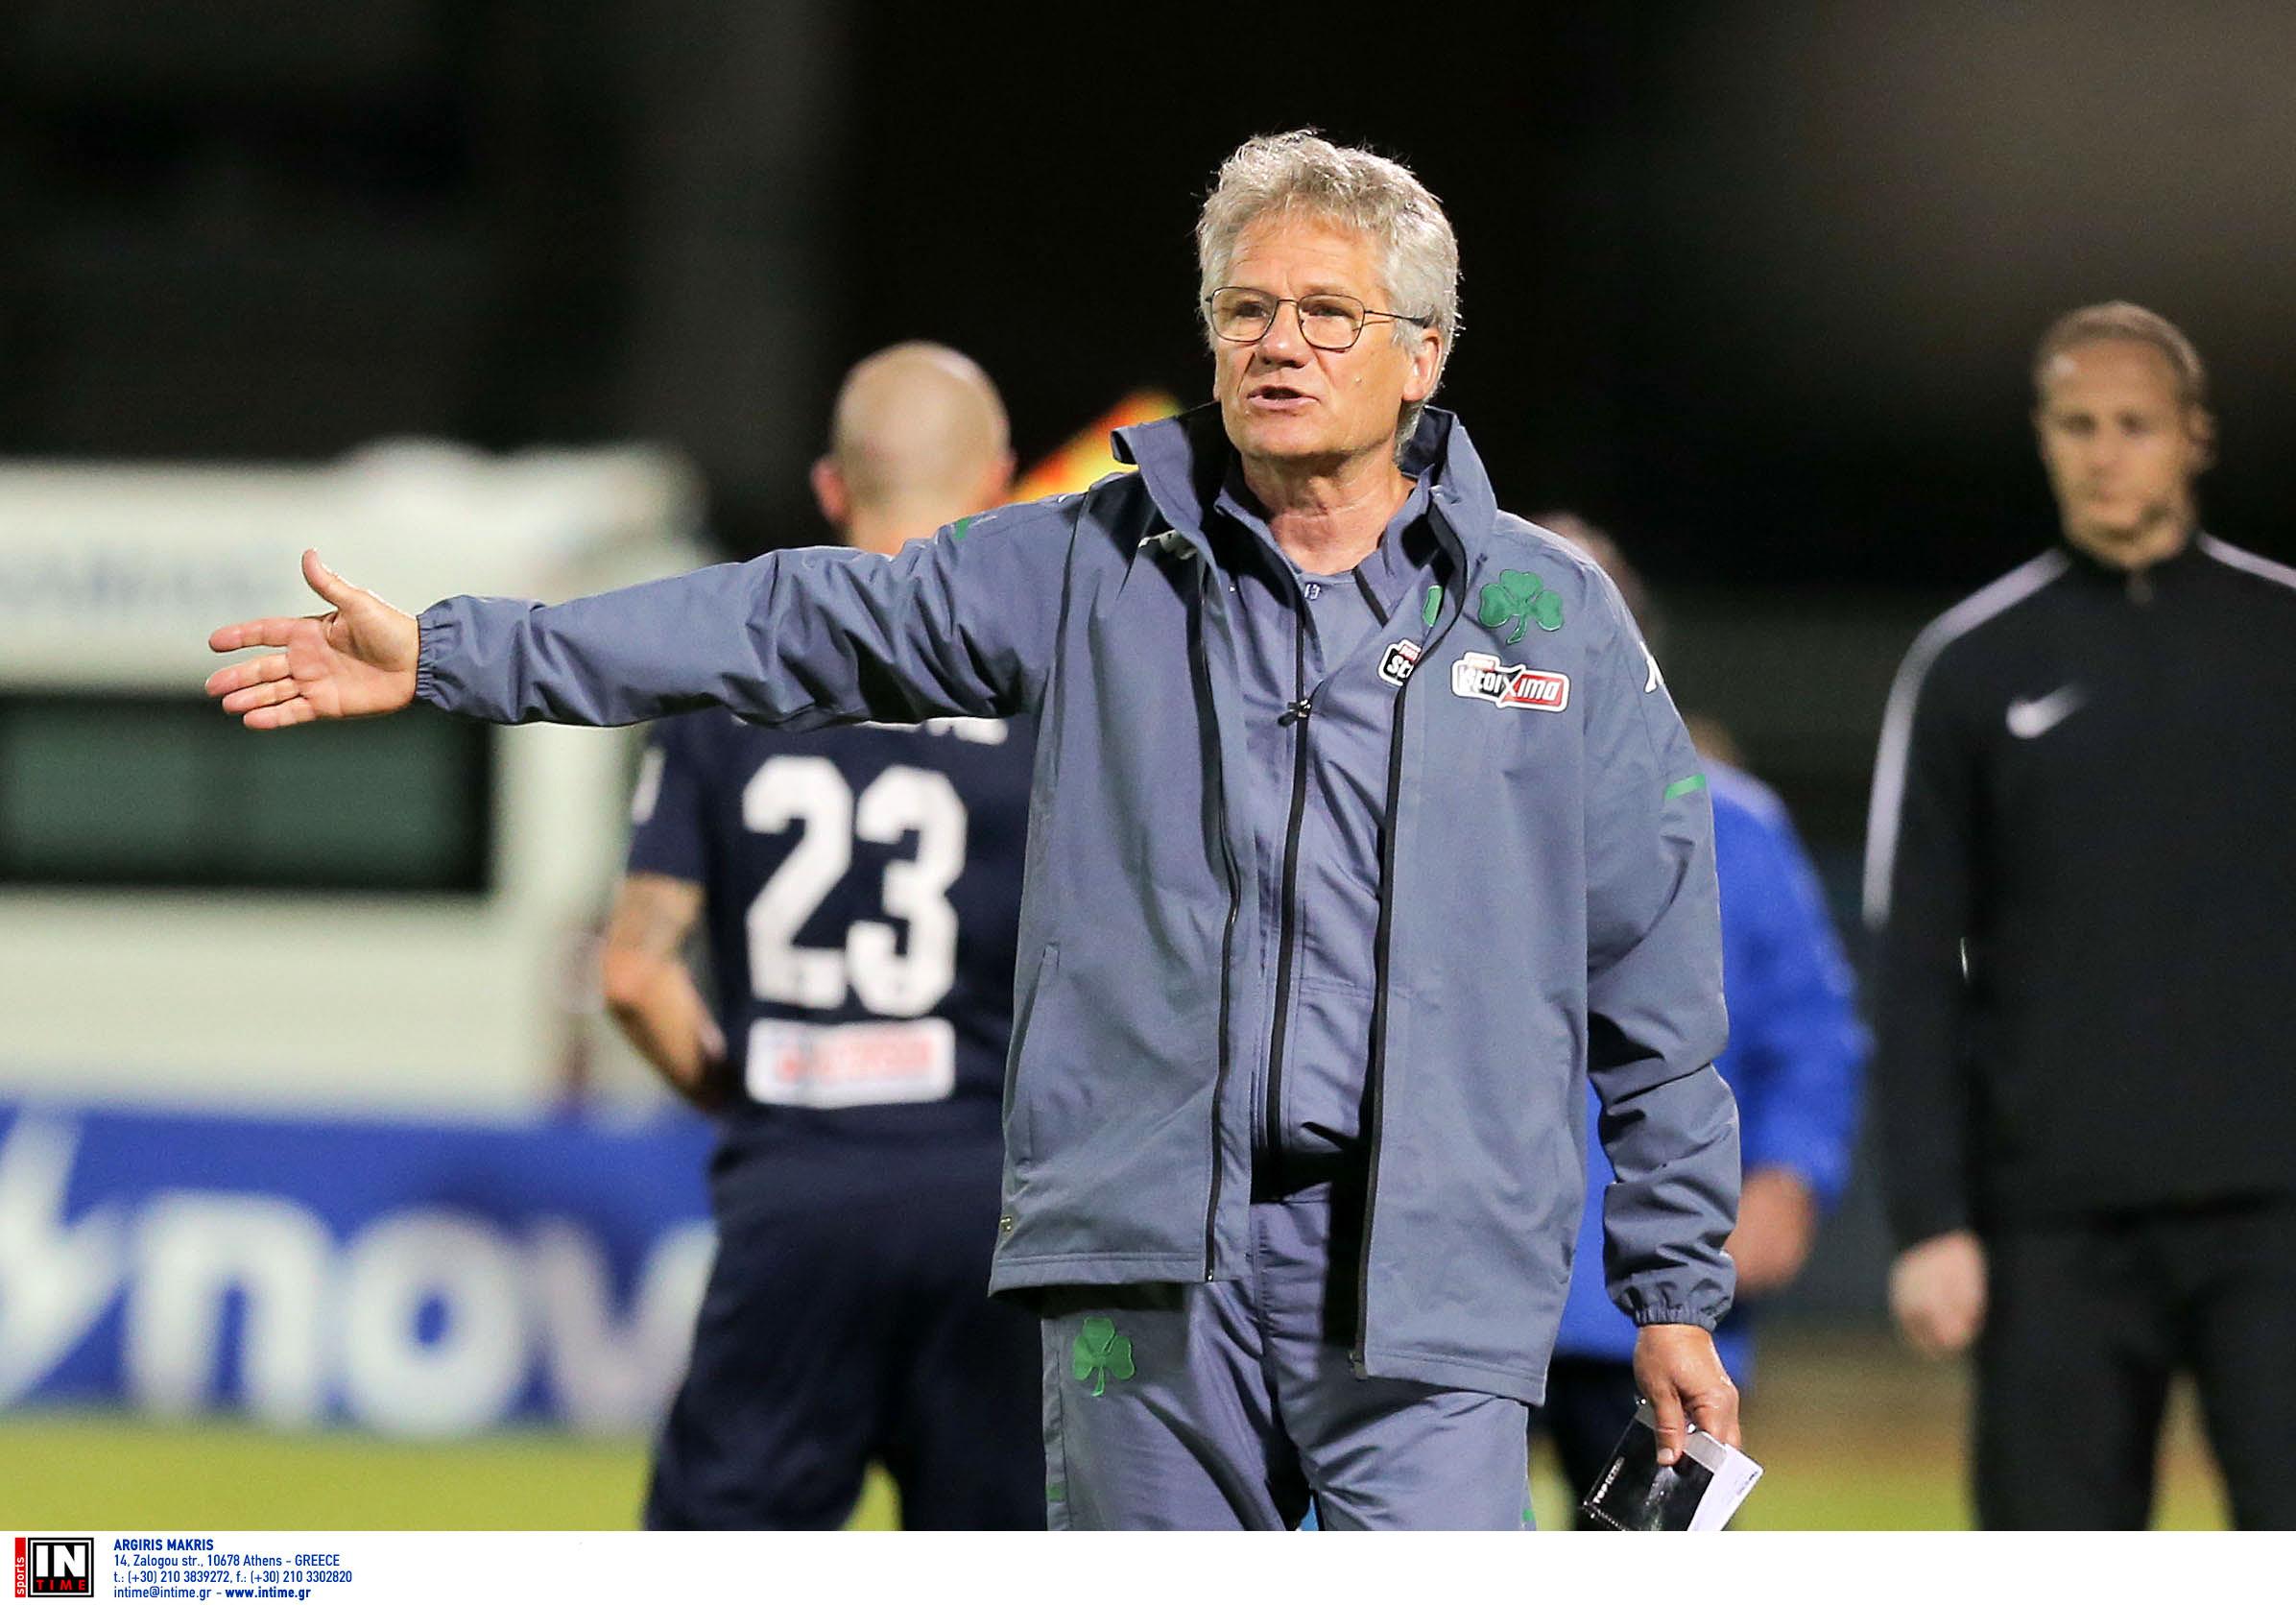 Μπόλονι: «Ο Παναθηναϊκός χρειάζεται 2-3 βασικούς παίκτες»